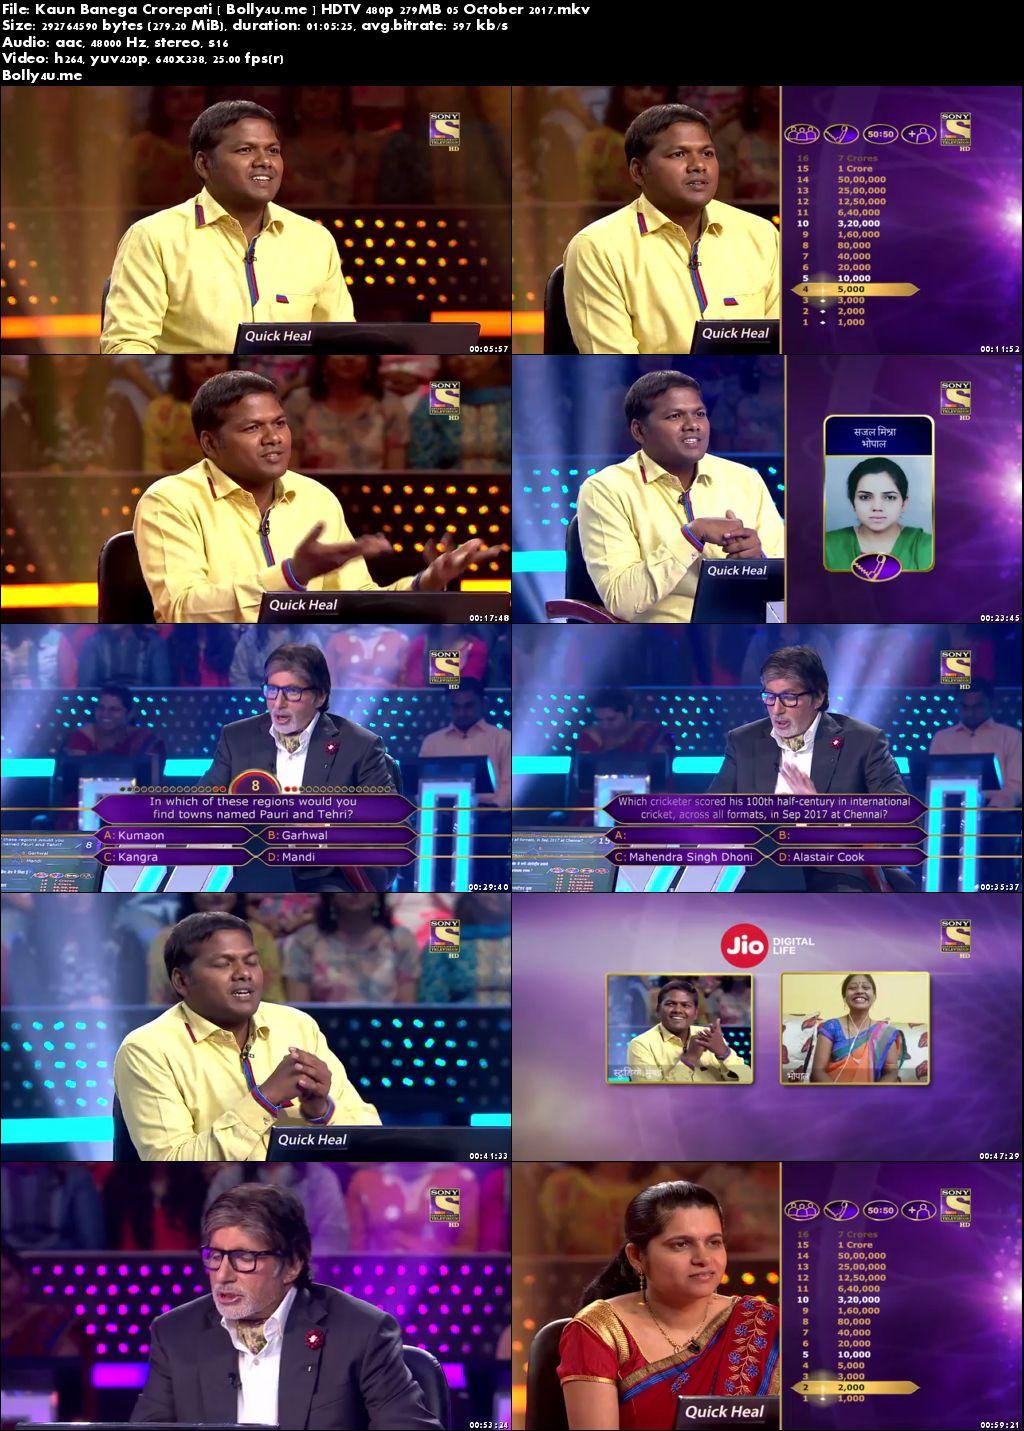 Kaun Banega Crorepati HDTV 480p 250MB 05 October 2017 Download